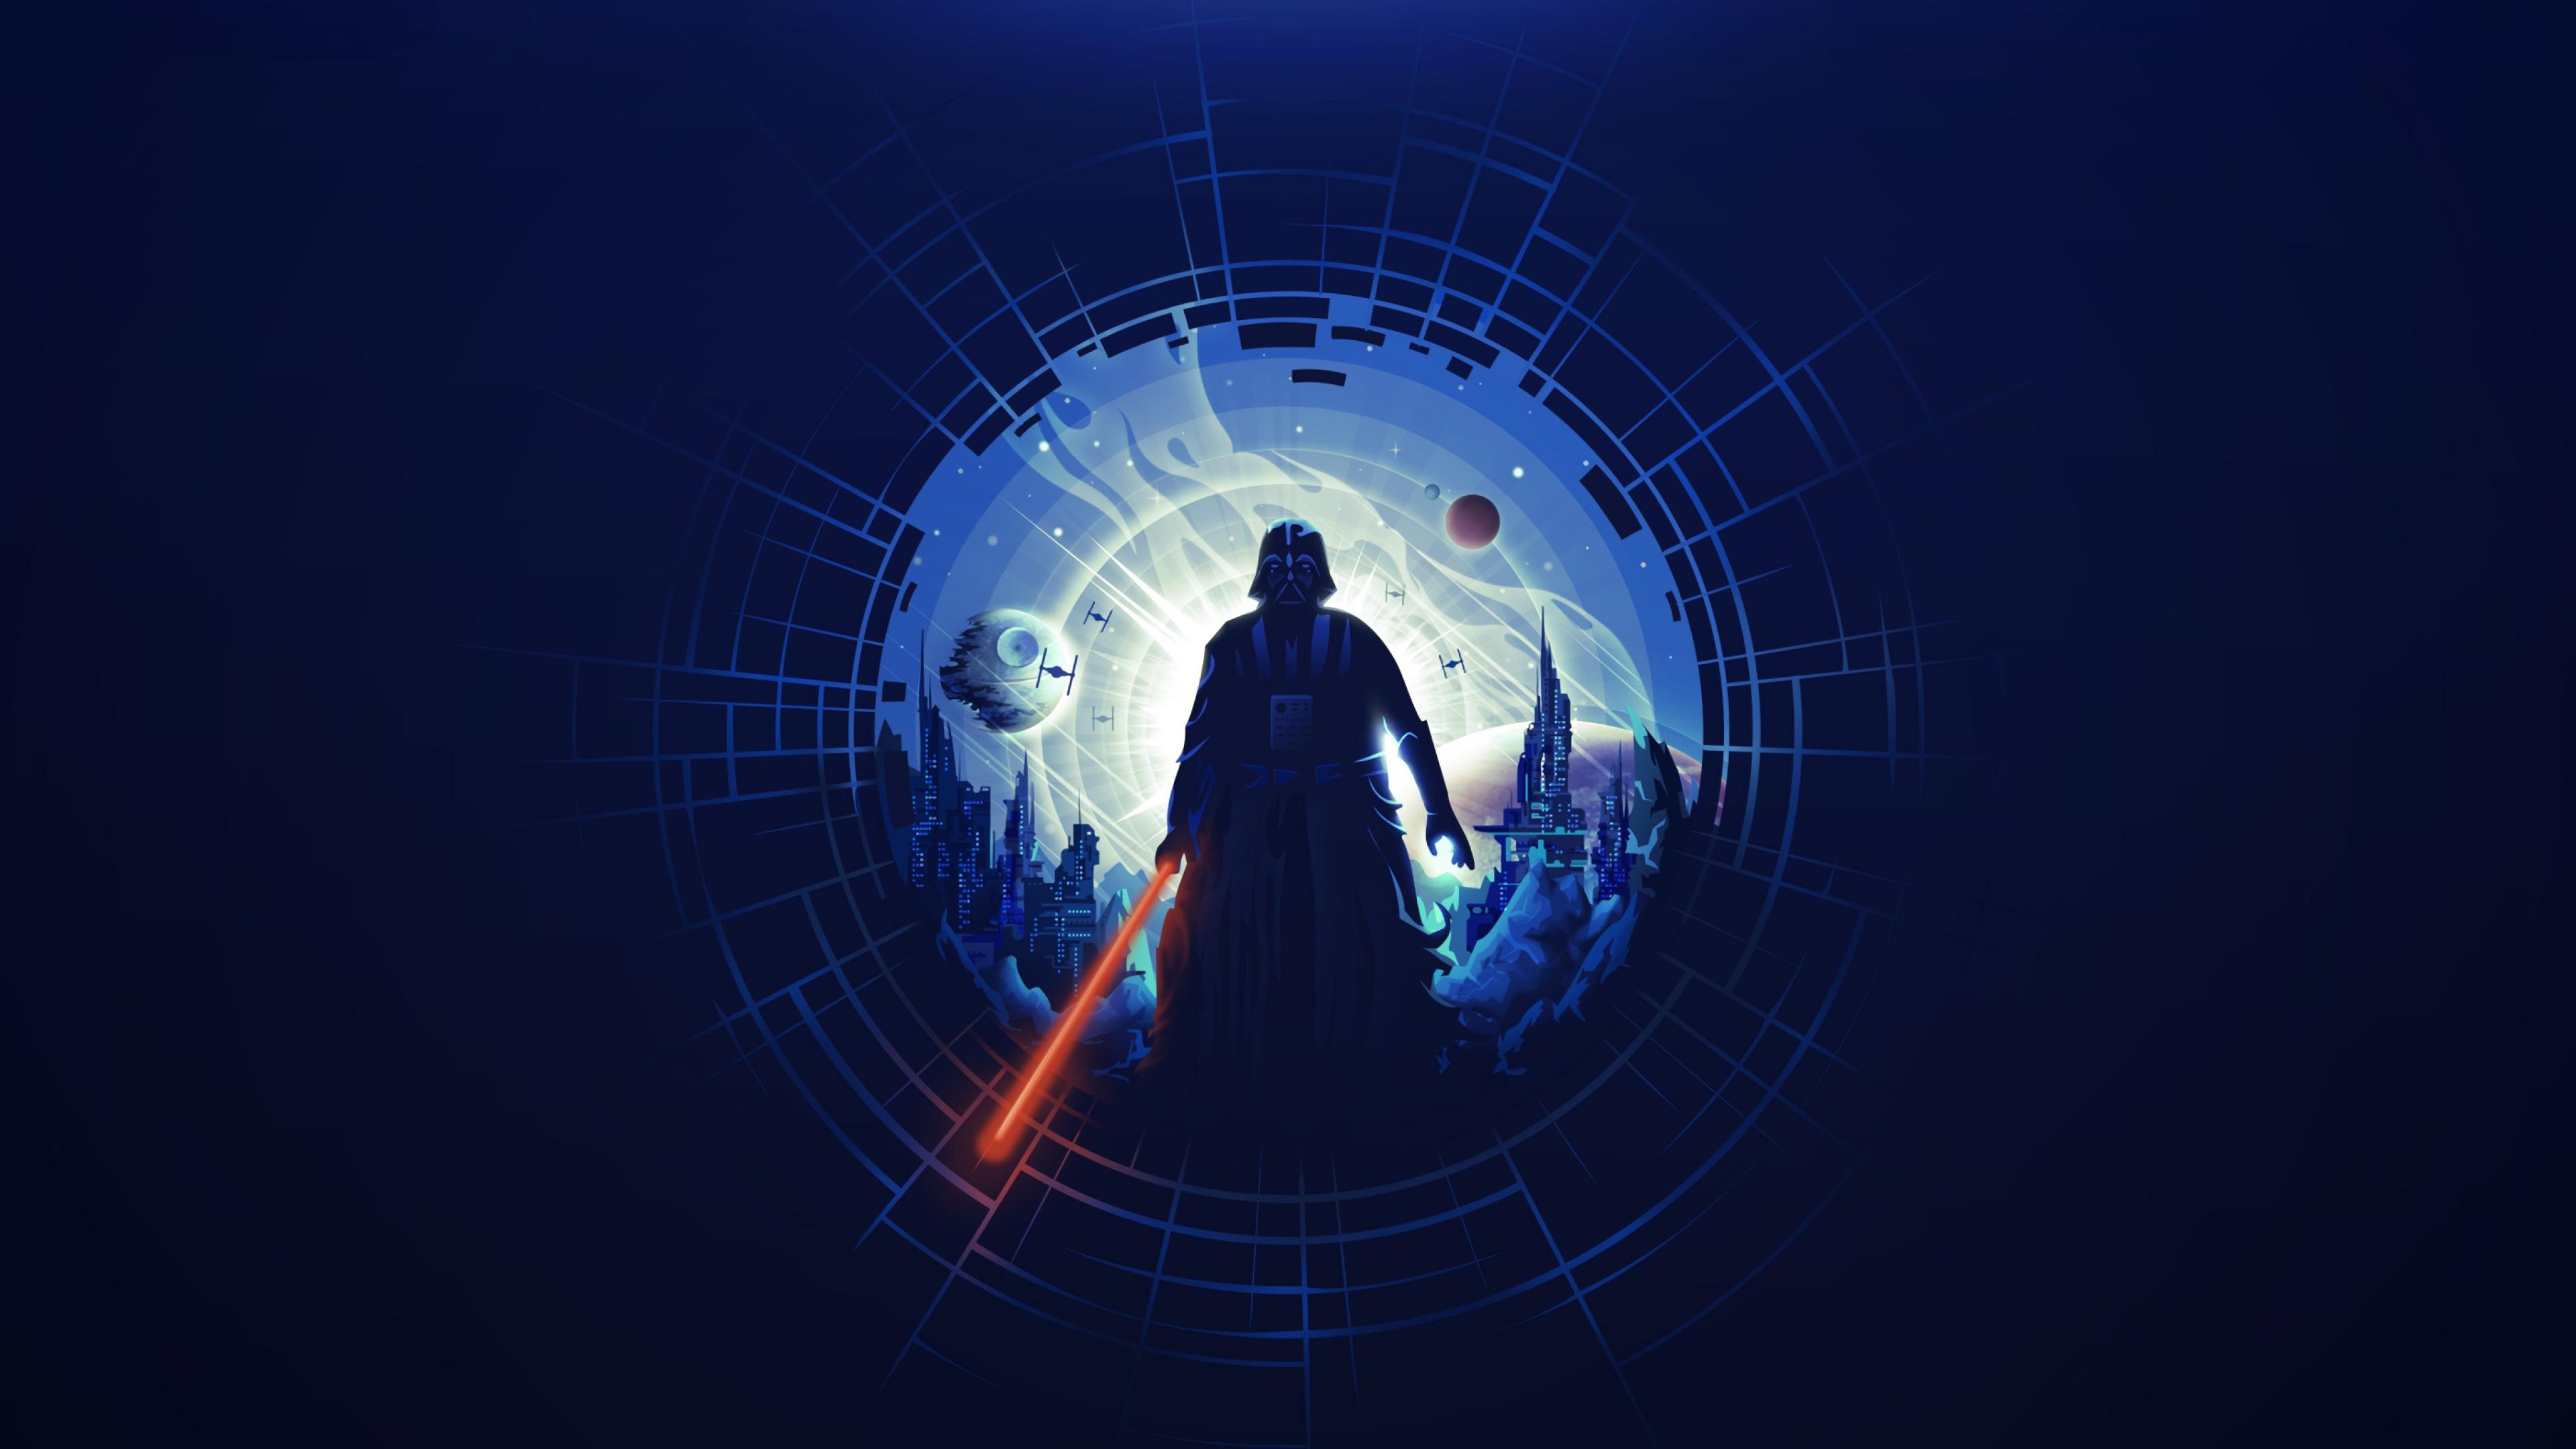 3840x2160 Darth Vader Minimalist 4K Wallpaper, HD ...